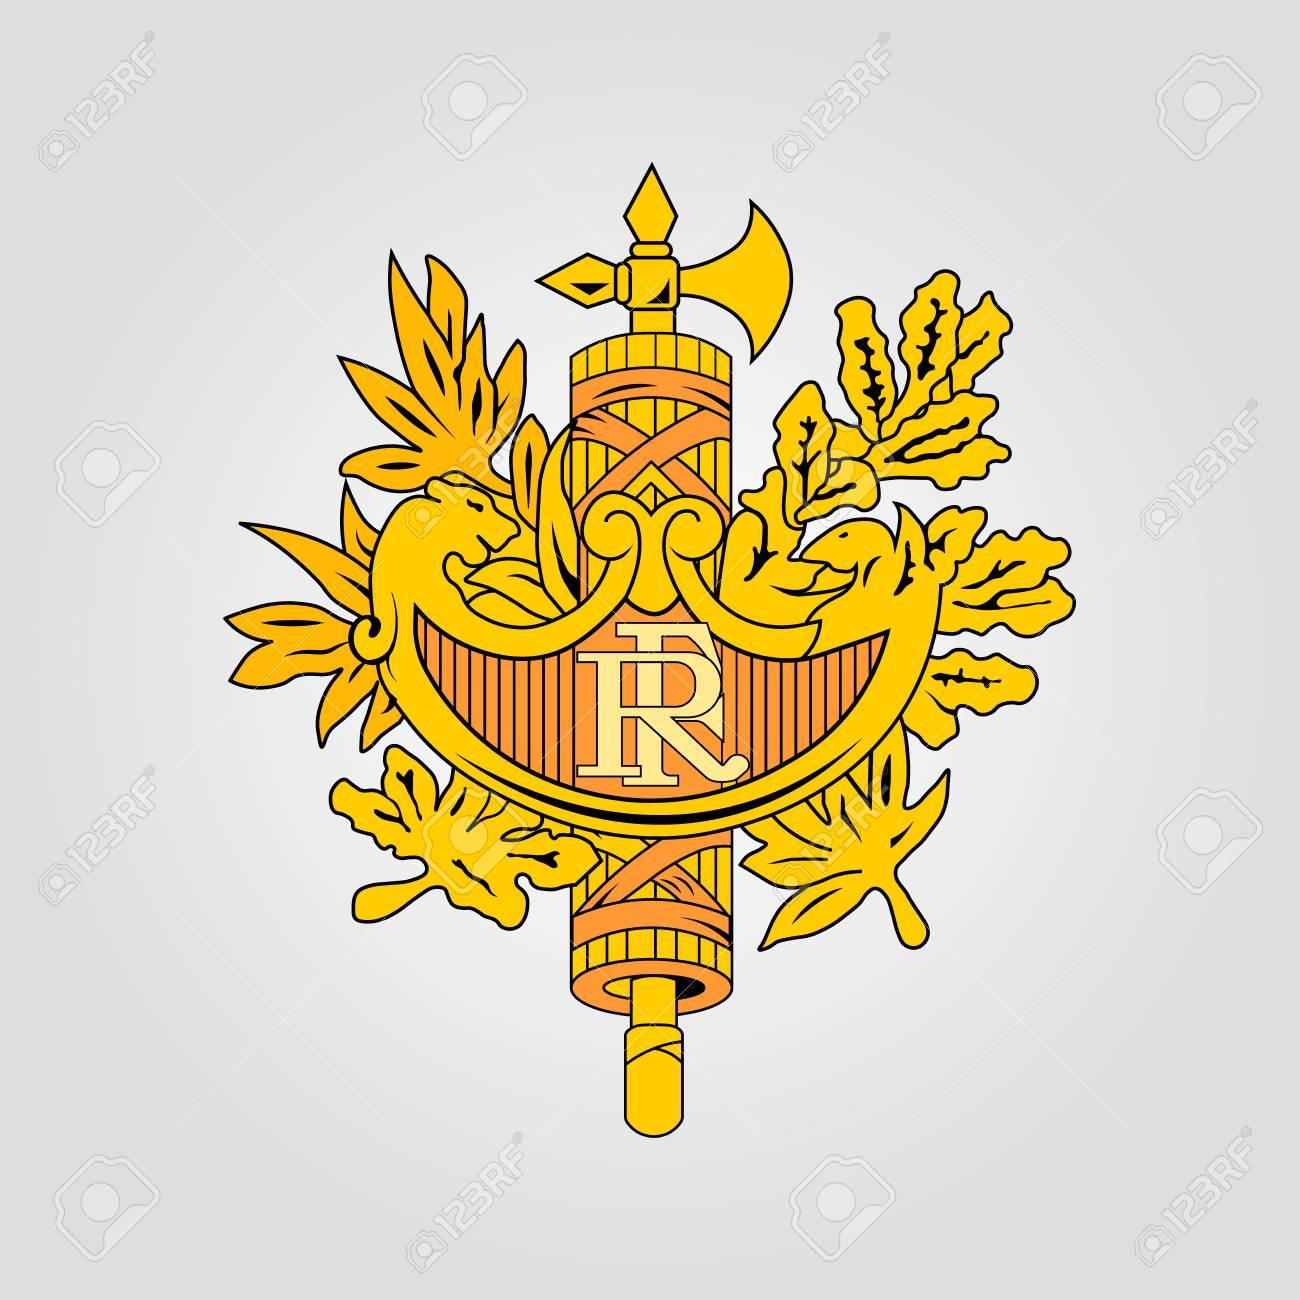 フランスの国章のイラスト素材・ベクタ - Image 82343734.